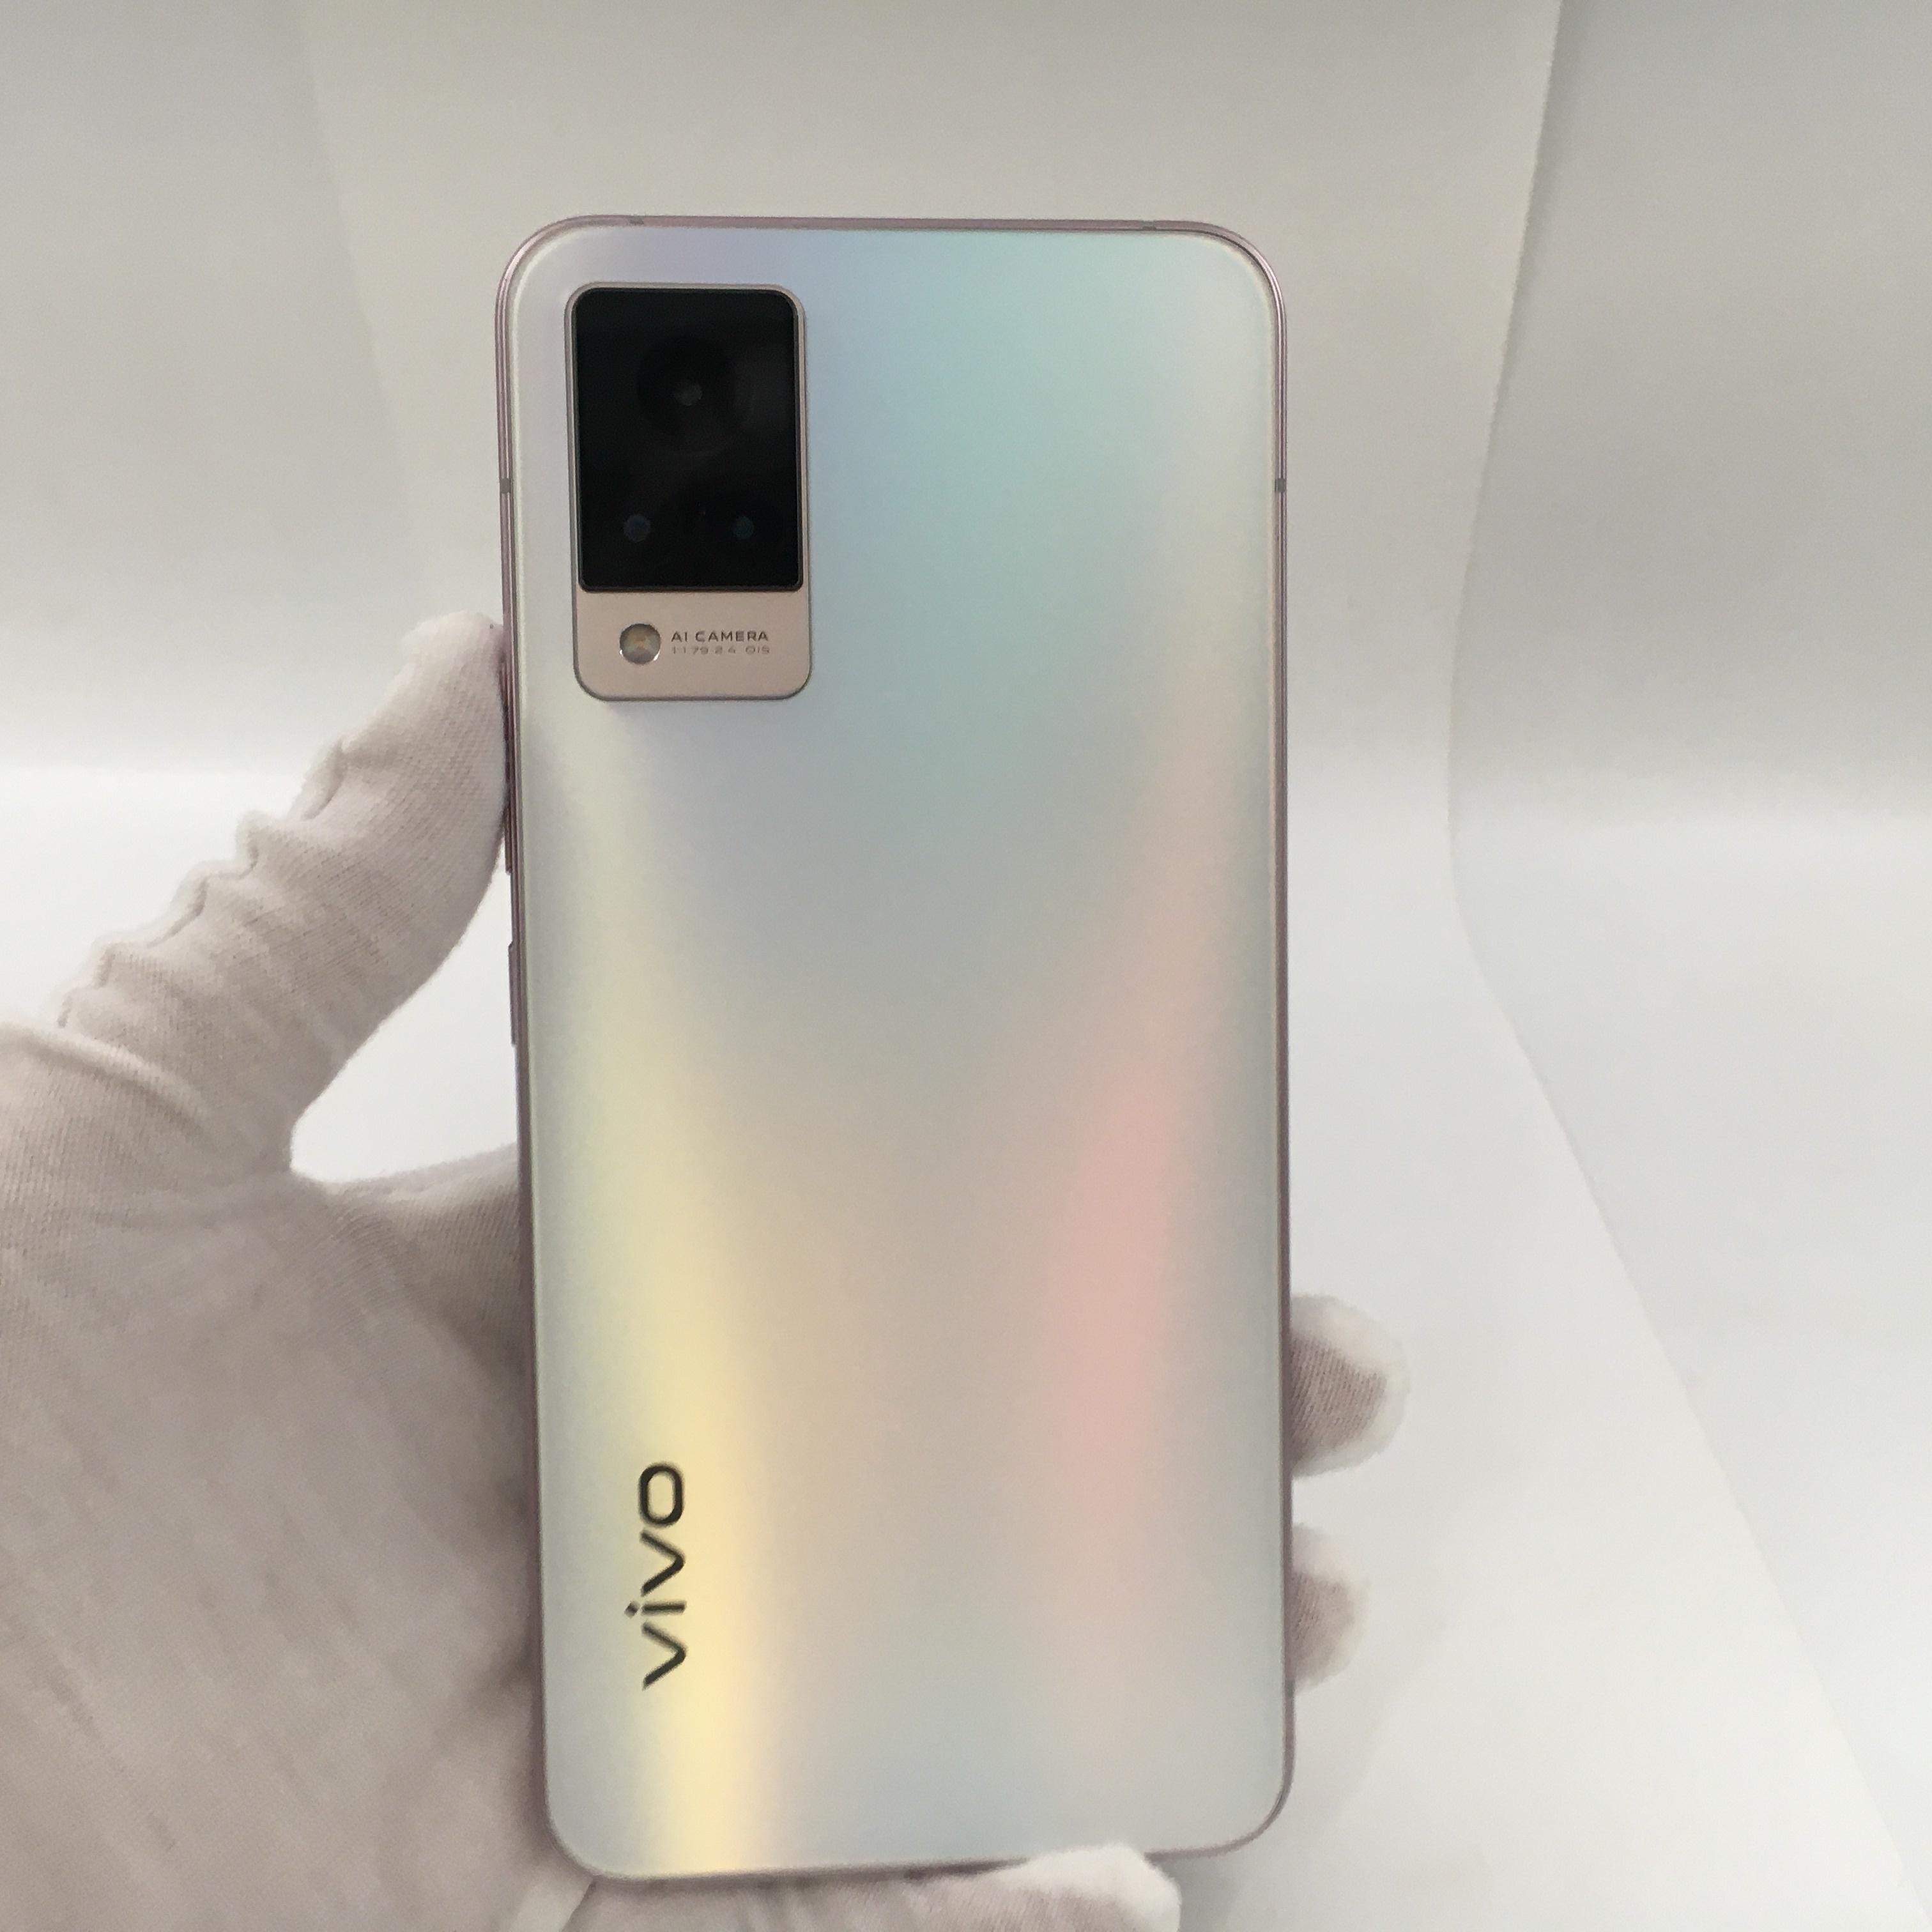 vivo【S9 5G】5G全网通 朝露白 8G/128G 国行 9成新